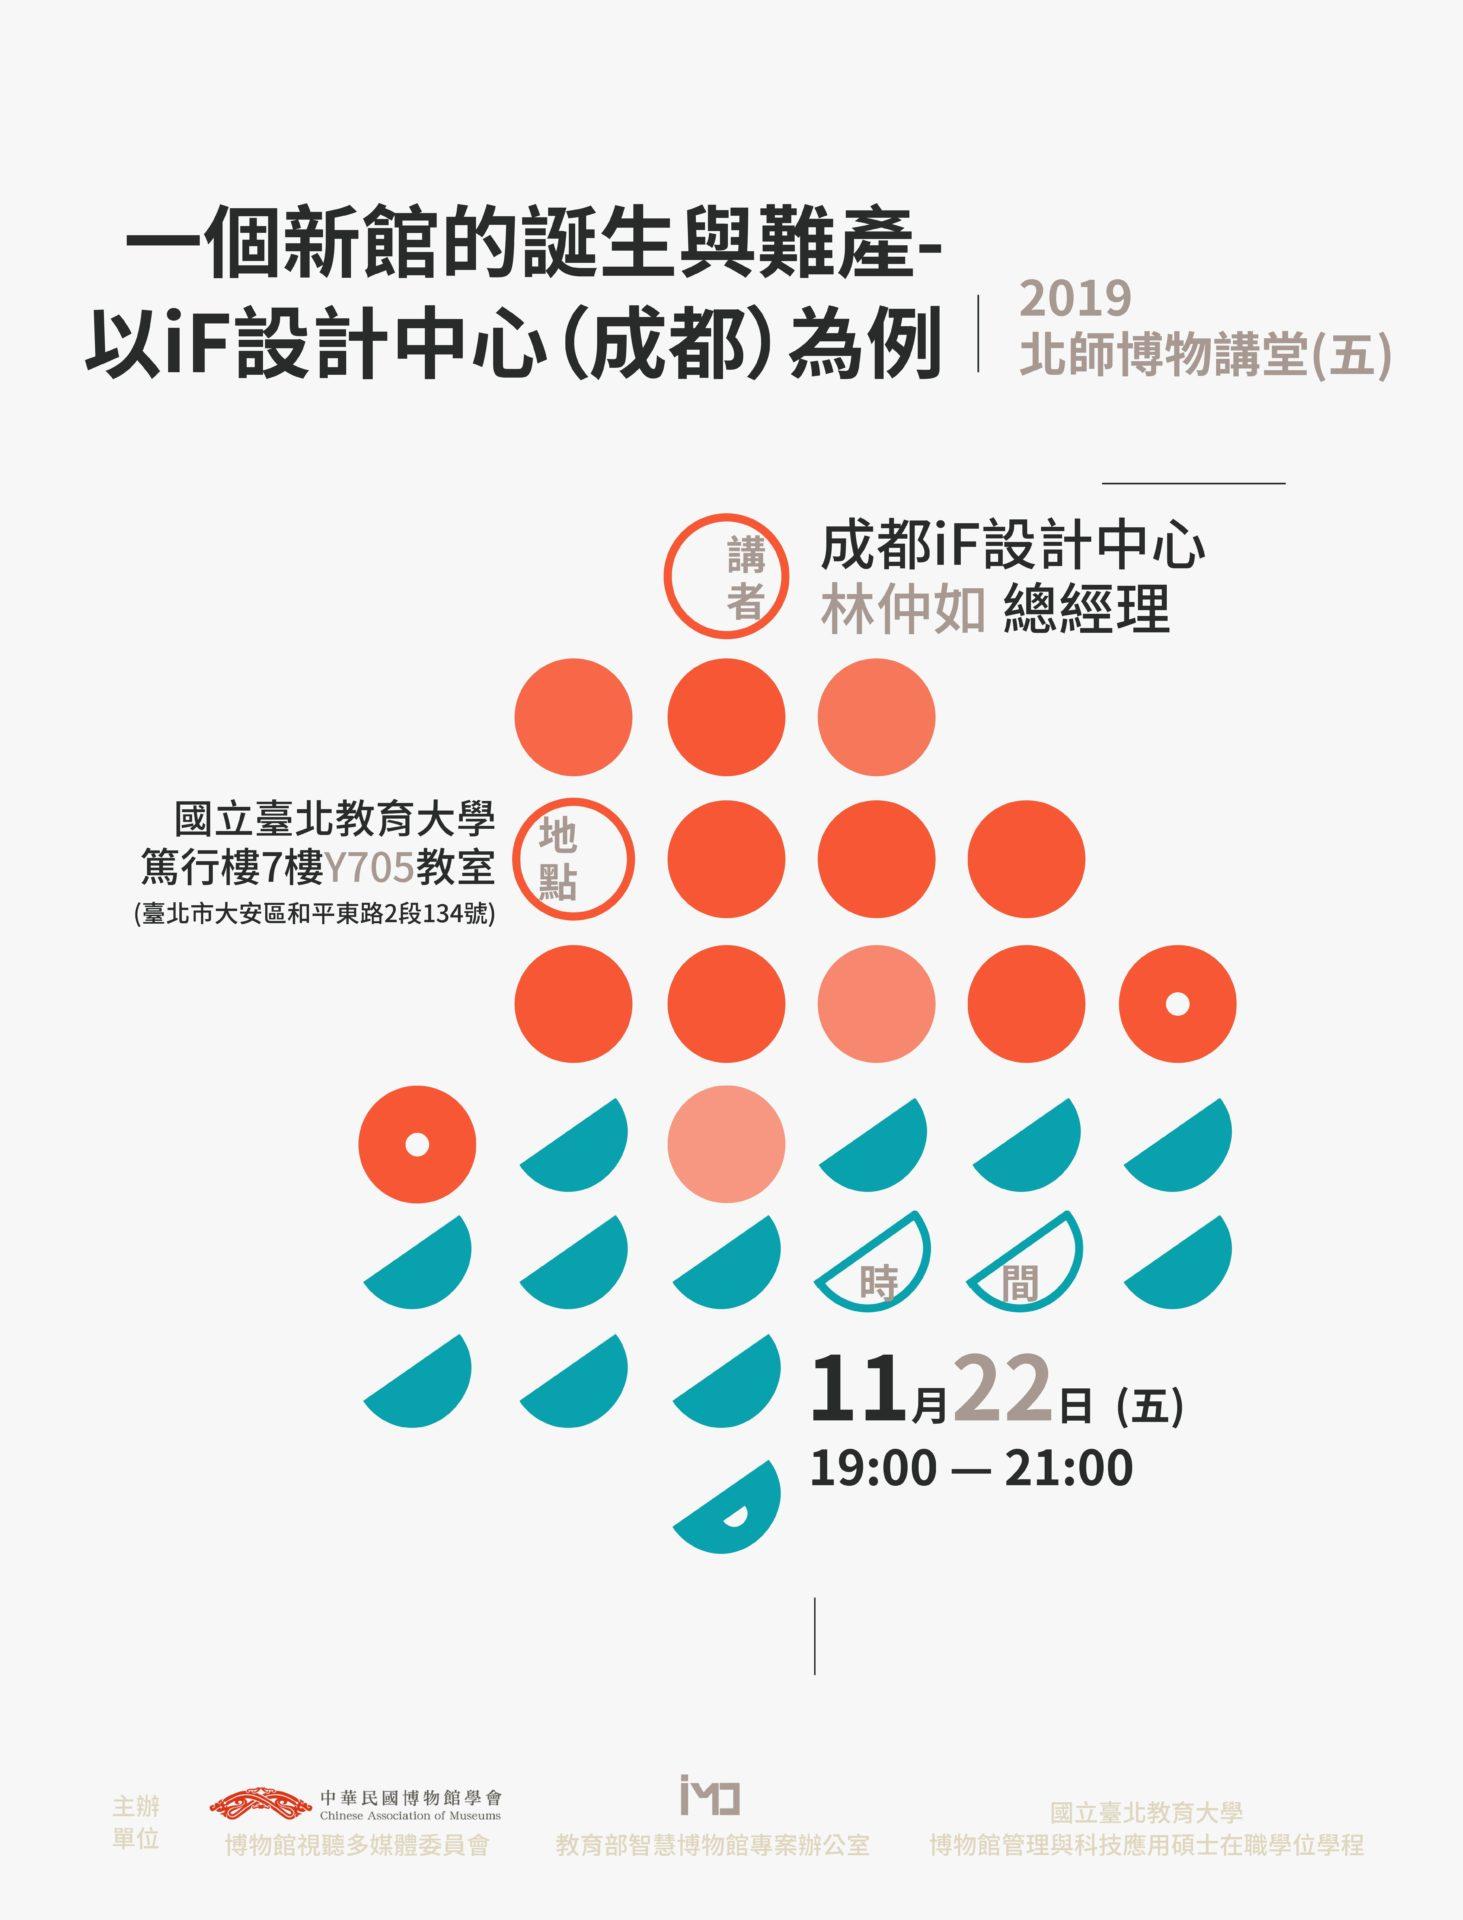 中華民國博物館學會:2019/11/22【2019北師博物講堂-一個新館的誕生與難產—以iF設計中心(成都)為例】